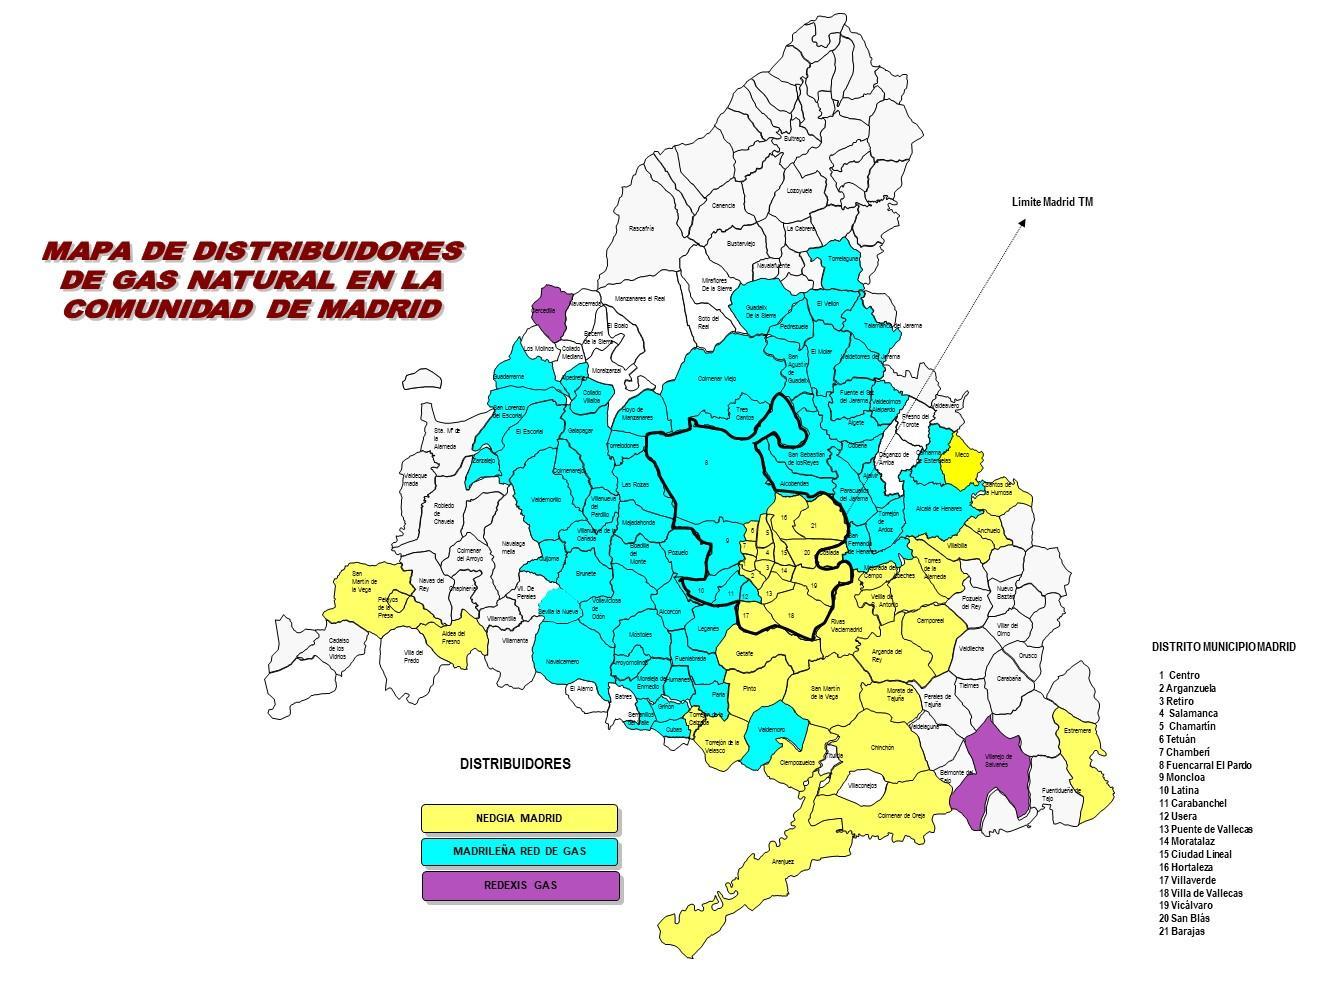 MAPA DE DISTRIBUIDORES DE GAS NATURAL POR MUNICIPIOS